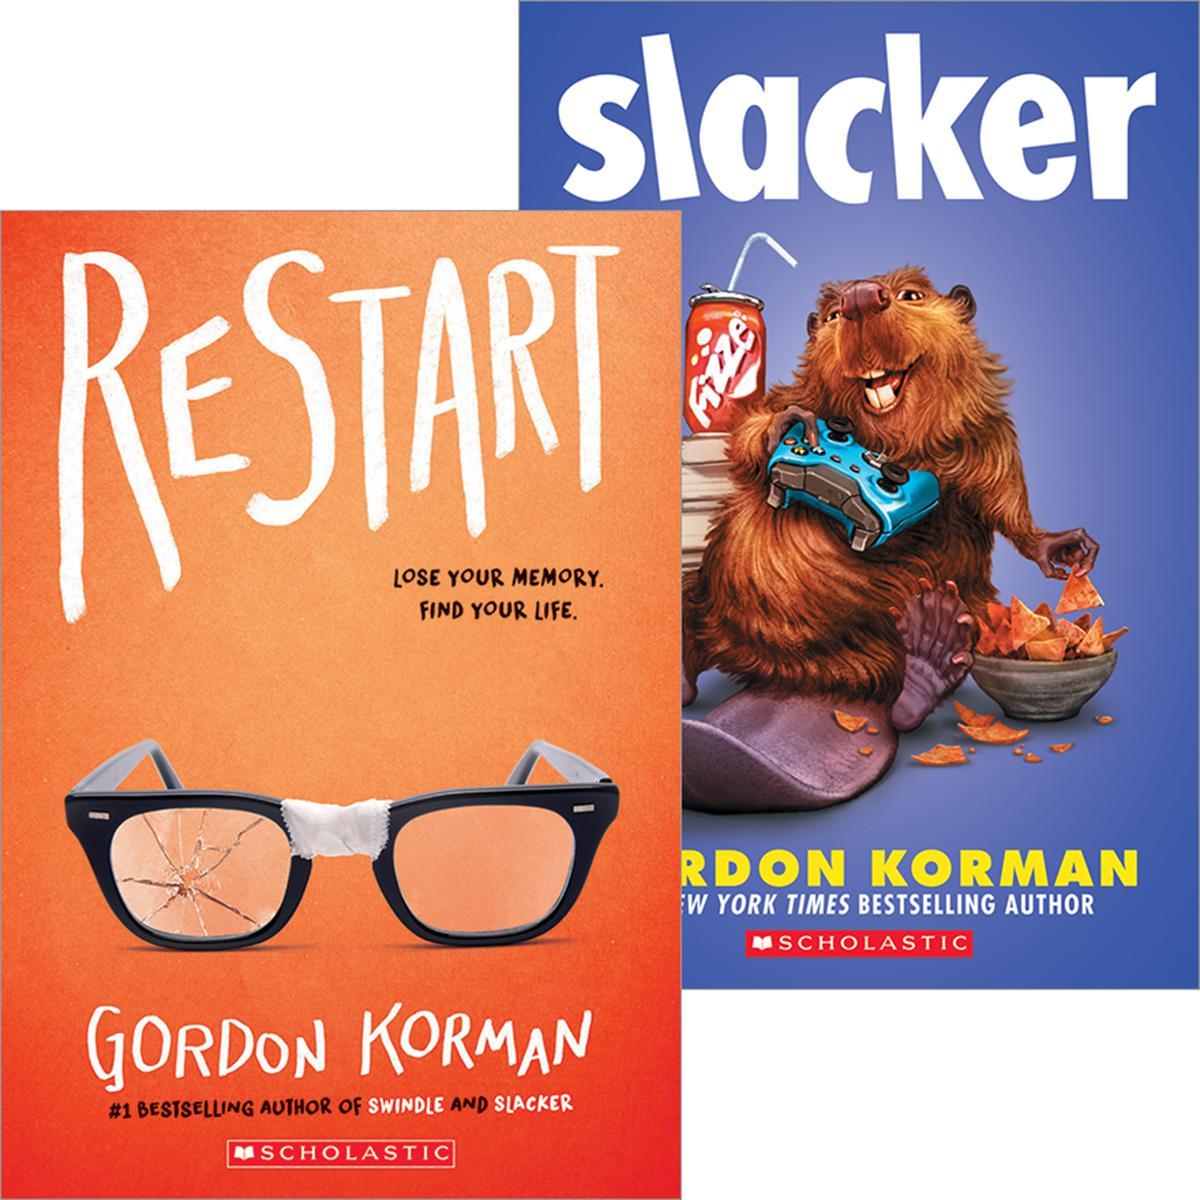 Gordon Korman Pack